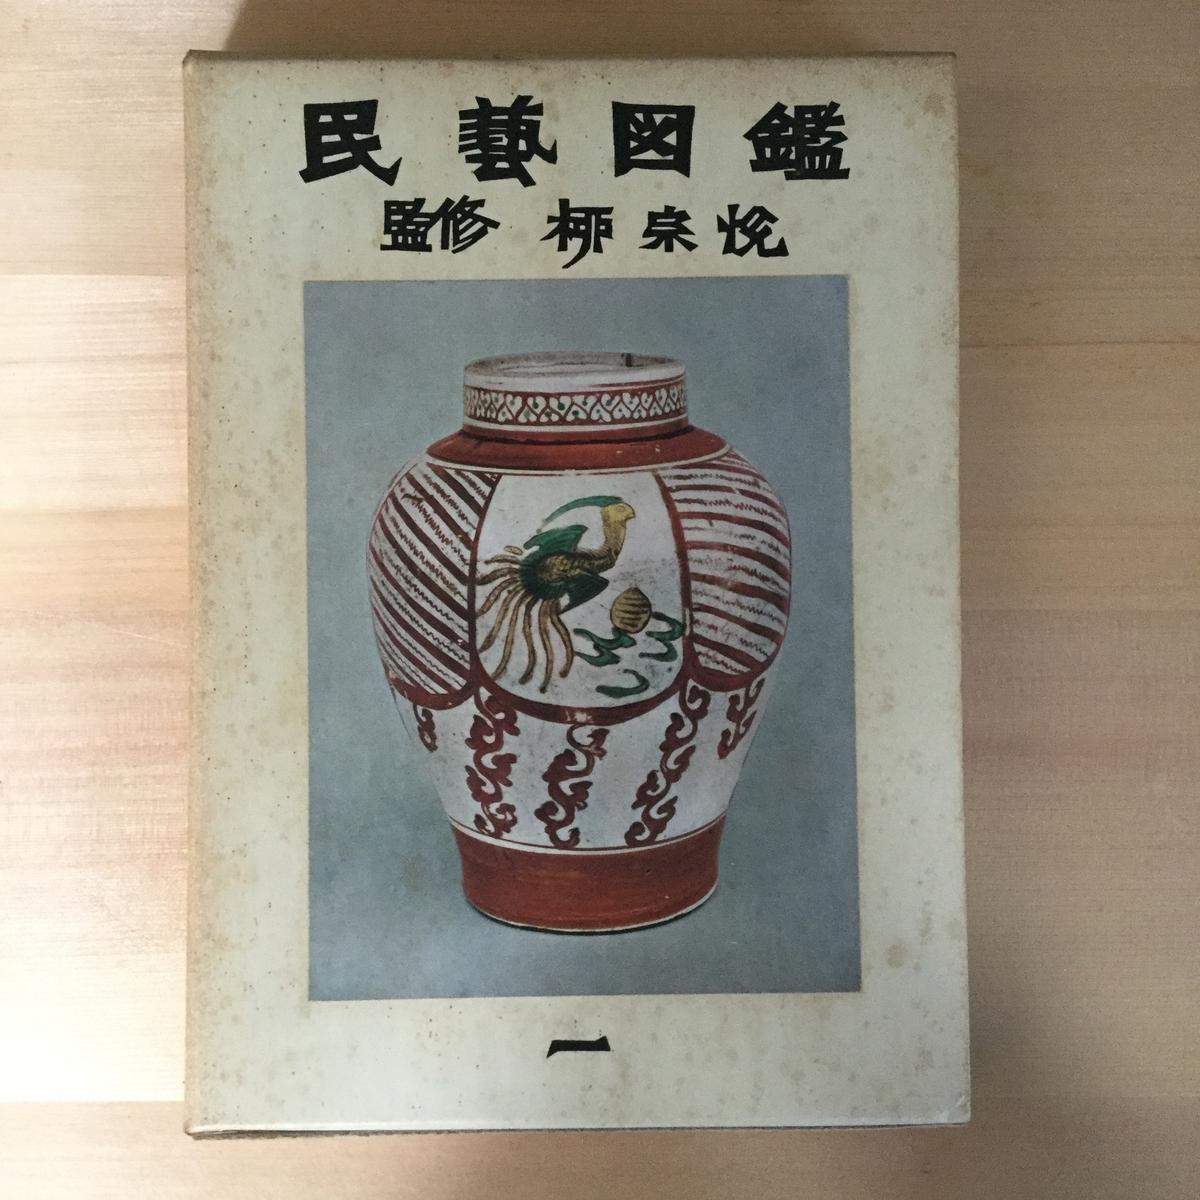 「民藝図鑑」表紙